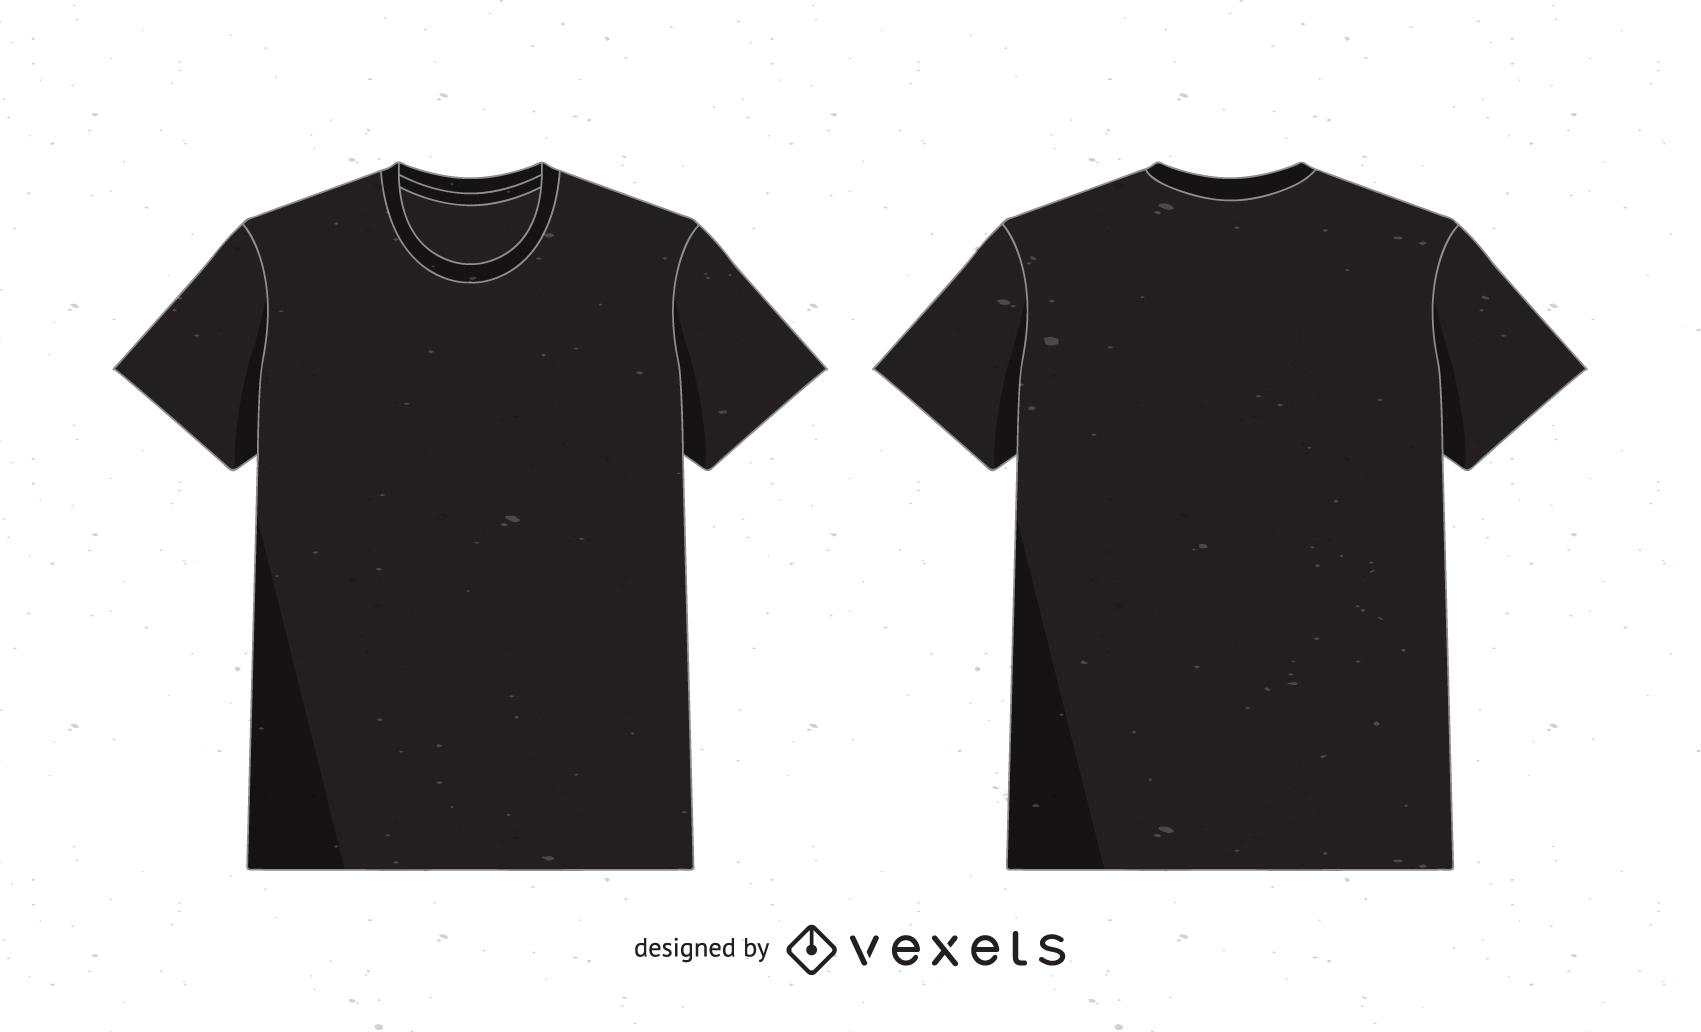 Plantilla de maqueta de camiseta en negro sobre blanco - Descargar ... 891adf58ccc43